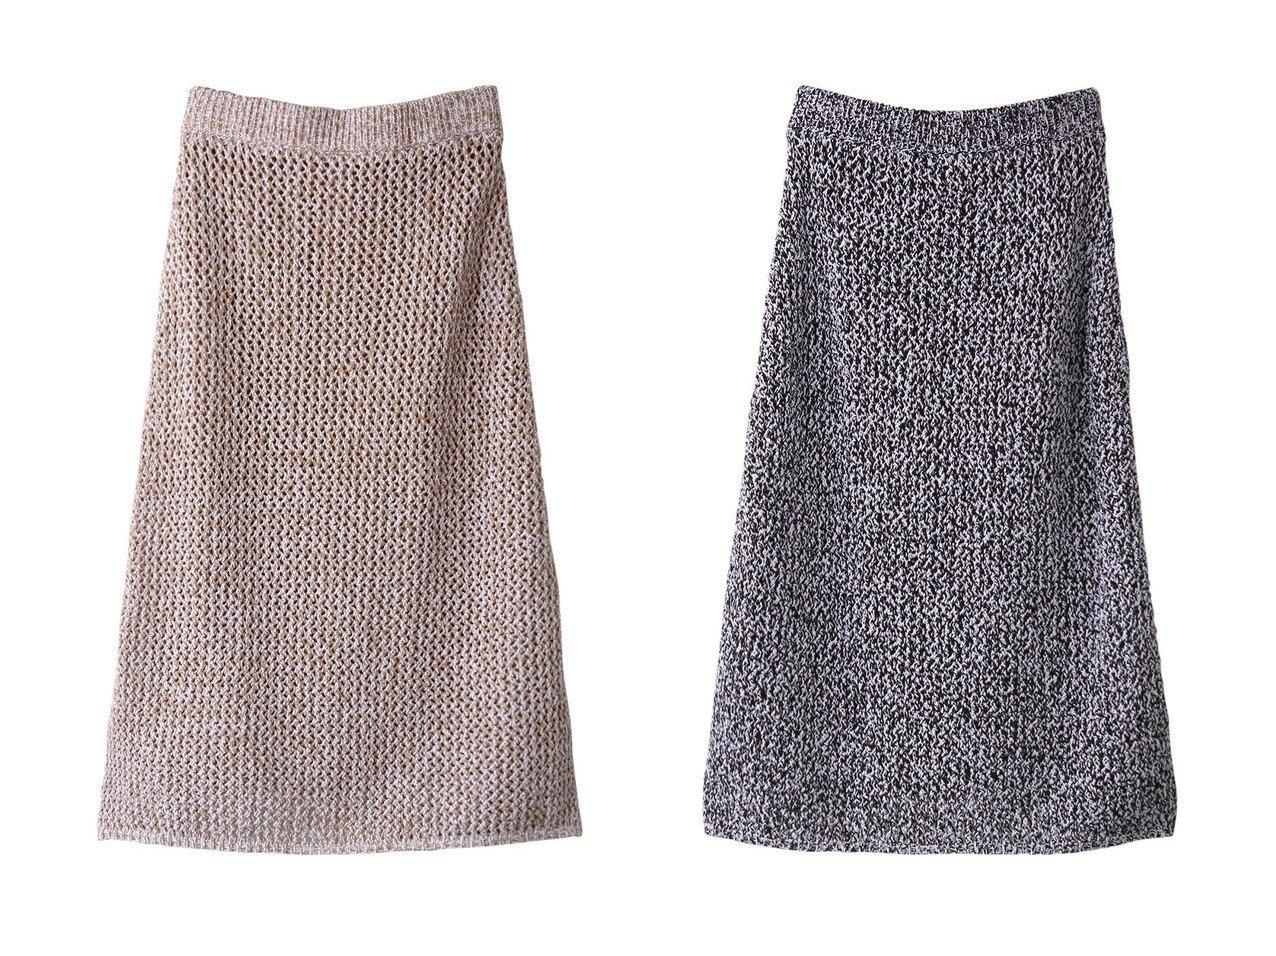 【ebure/エブール】のカラーツイストニット スカート スカートのおすすめ!人気、トレンド・レディースファッションの通販 おすすめで人気の流行・トレンド、ファッションの通販商品 メンズファッション・キッズファッション・インテリア・家具・レディースファッション・服の通販 founy(ファニー) https://founy.com/ ファッション Fashion レディースファッション WOMEN スカート Skirt ロングスカート Long Skirt 2021年 2021 2021 春夏 S/S SS Spring/Summer 2021 S/S 春夏 SS Spring/Summer おすすめ Recommend セットアップ ツイスト メッシュ メランジ ロング 春 Spring |ID:crp329100000023897